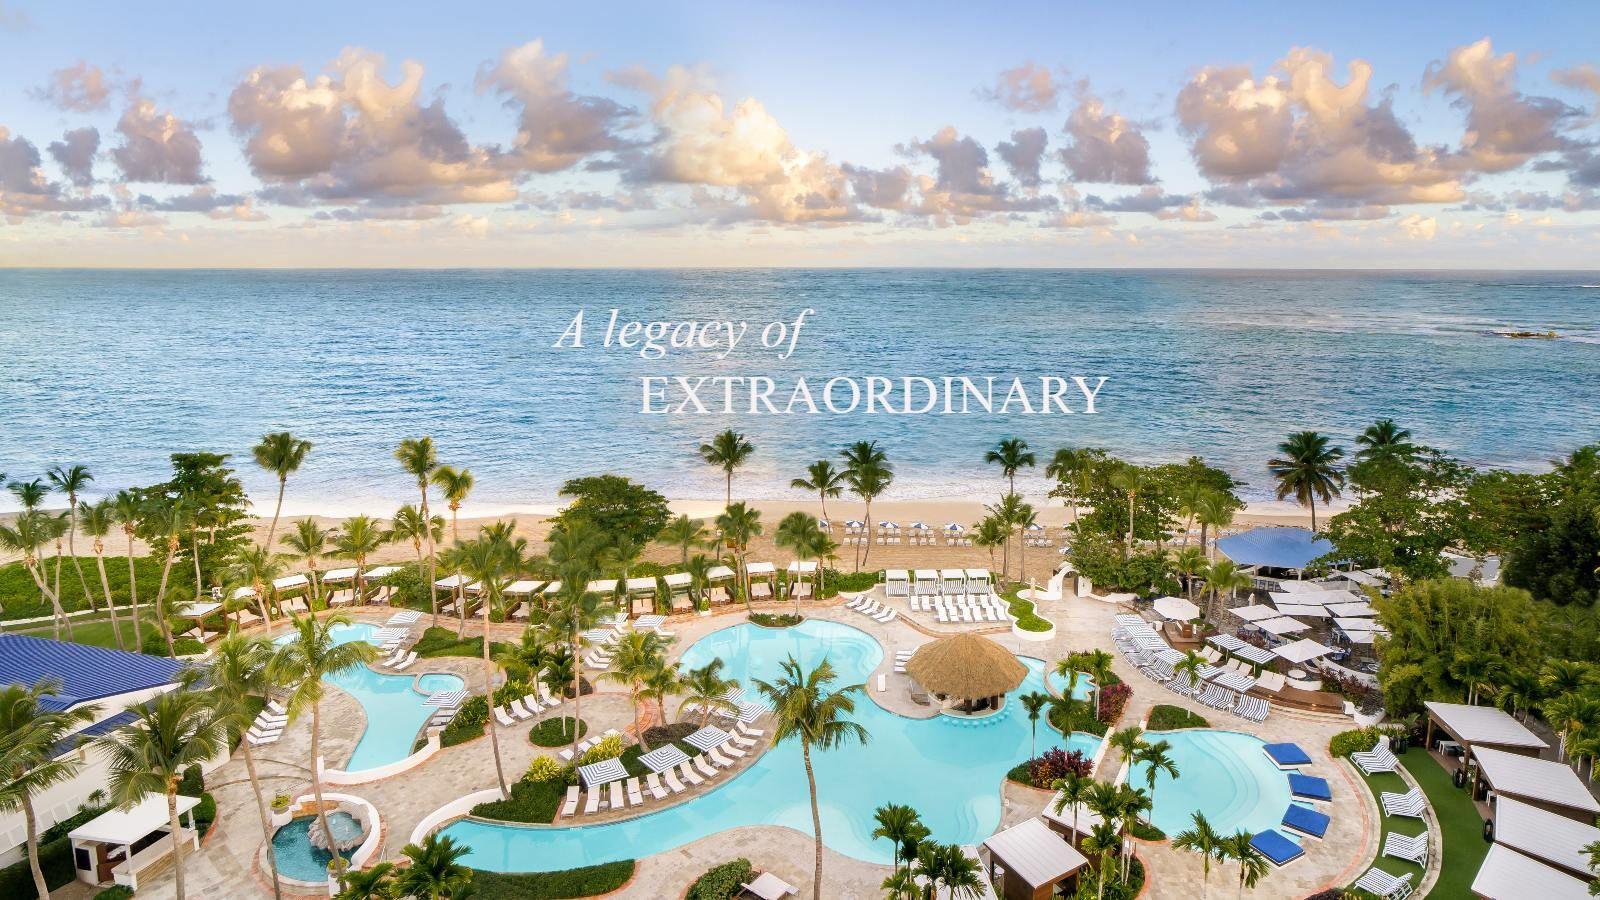 The hotel san juan and casino puerto rico casino oceanus